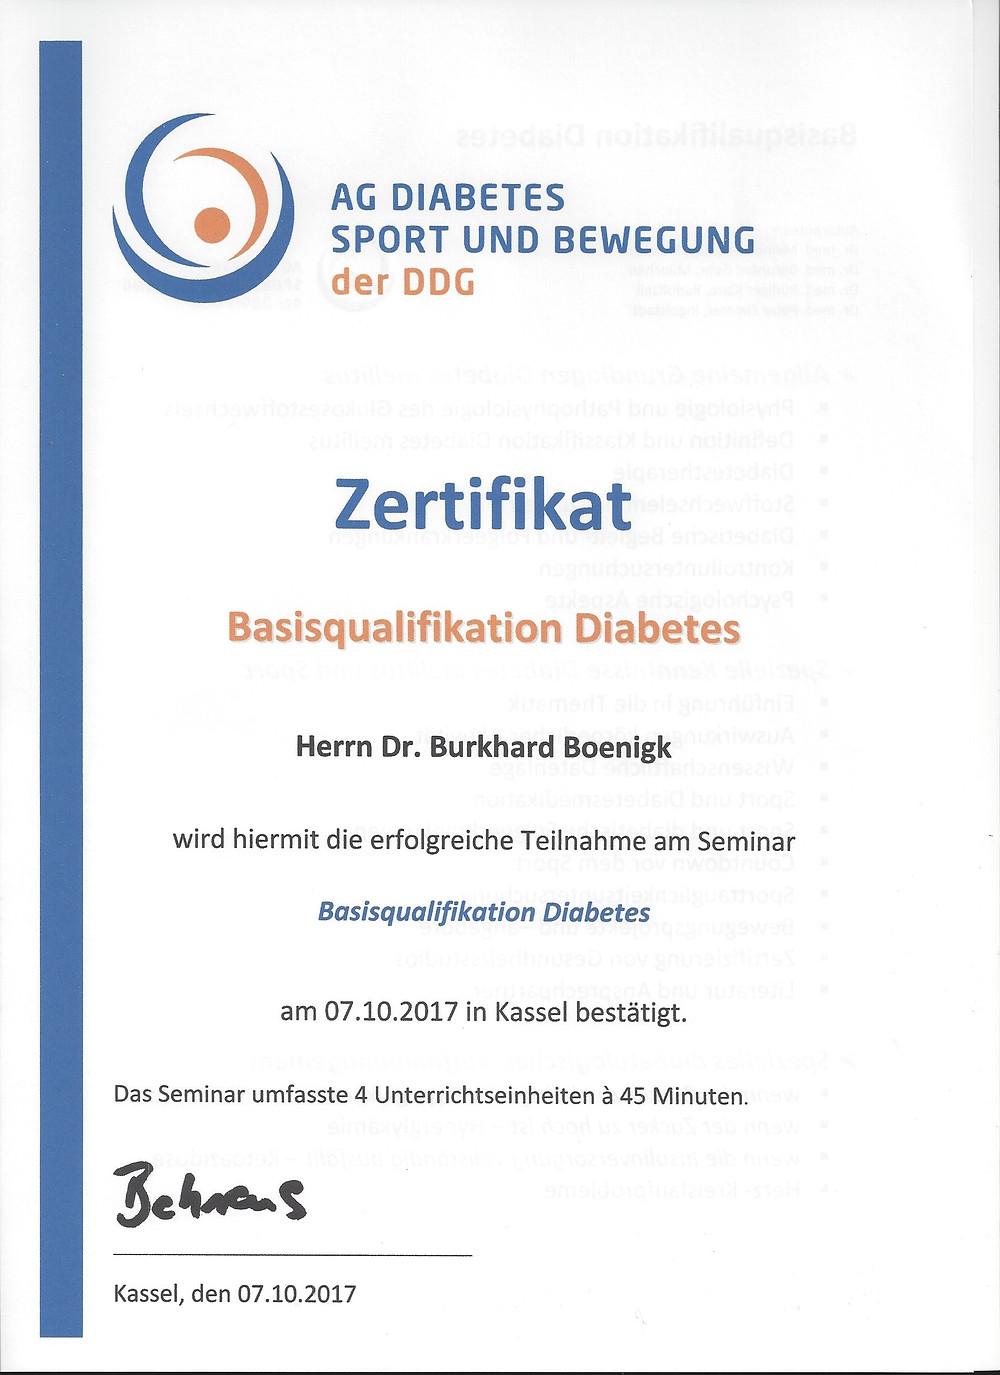 Laufinstinkt+® Schwaben Augsburg - Zertifikat Fachtrainer Diabetikersport - Basis